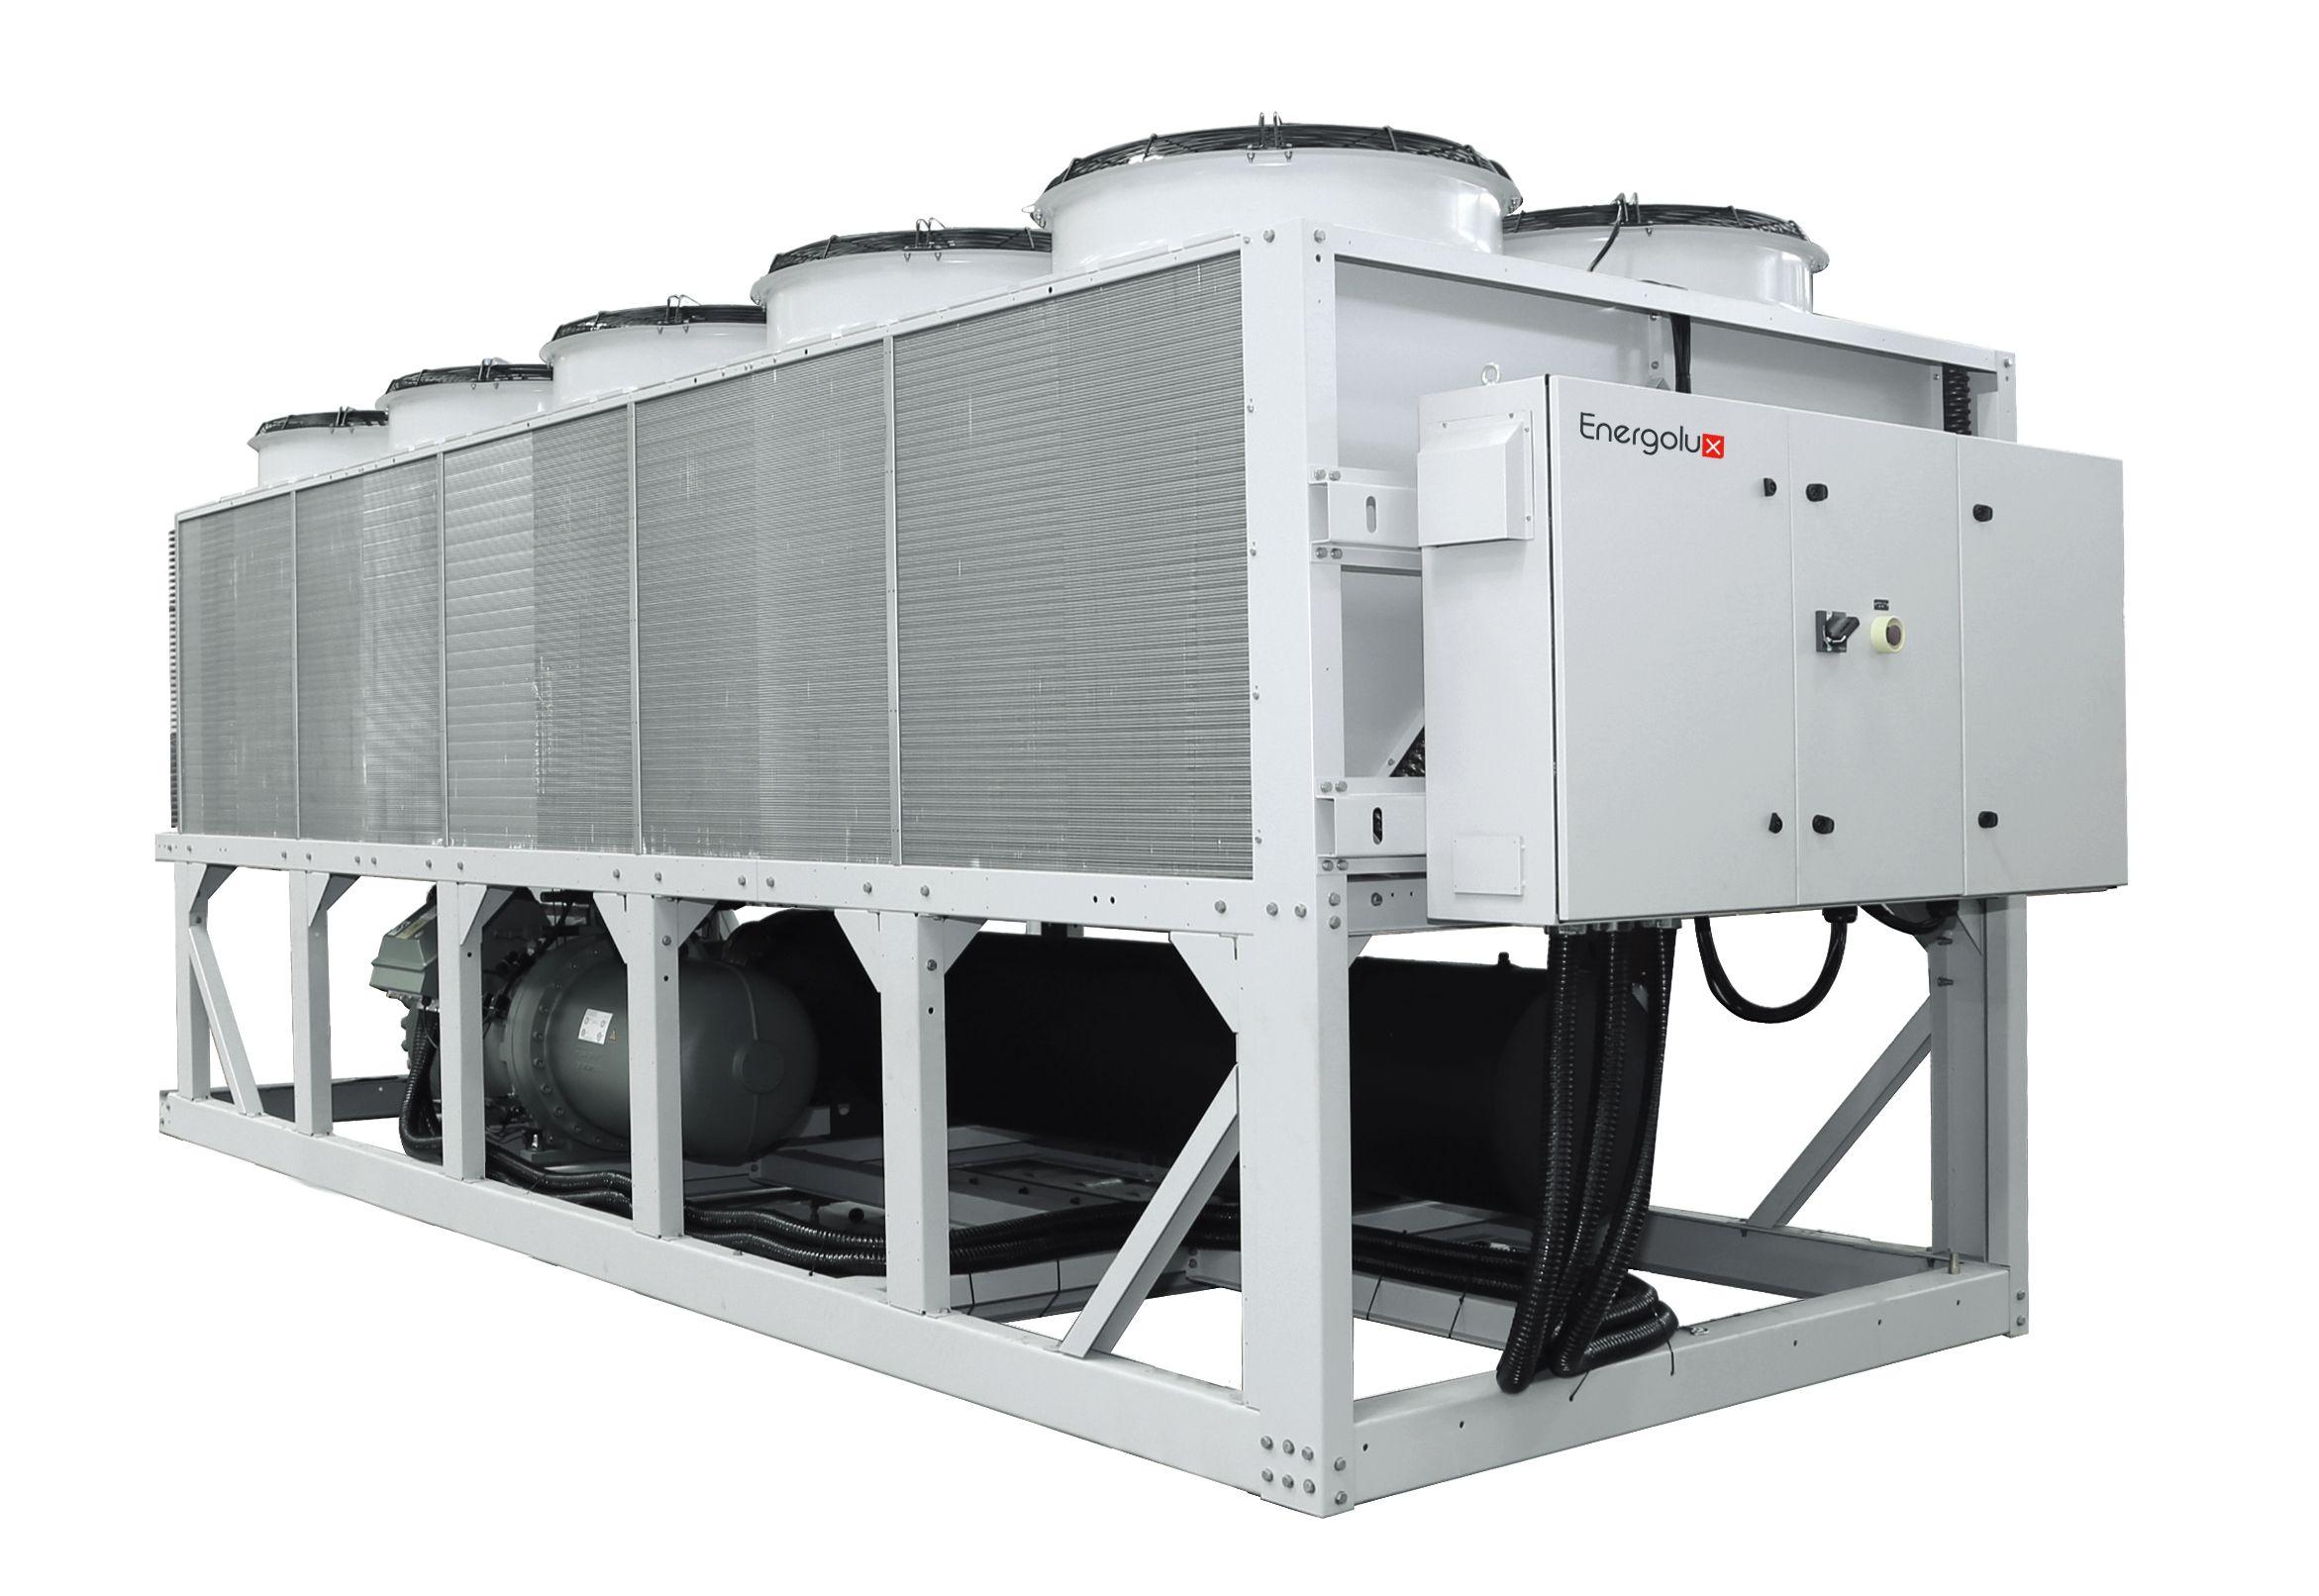 Energolux SCAW-FC-T 2710 V